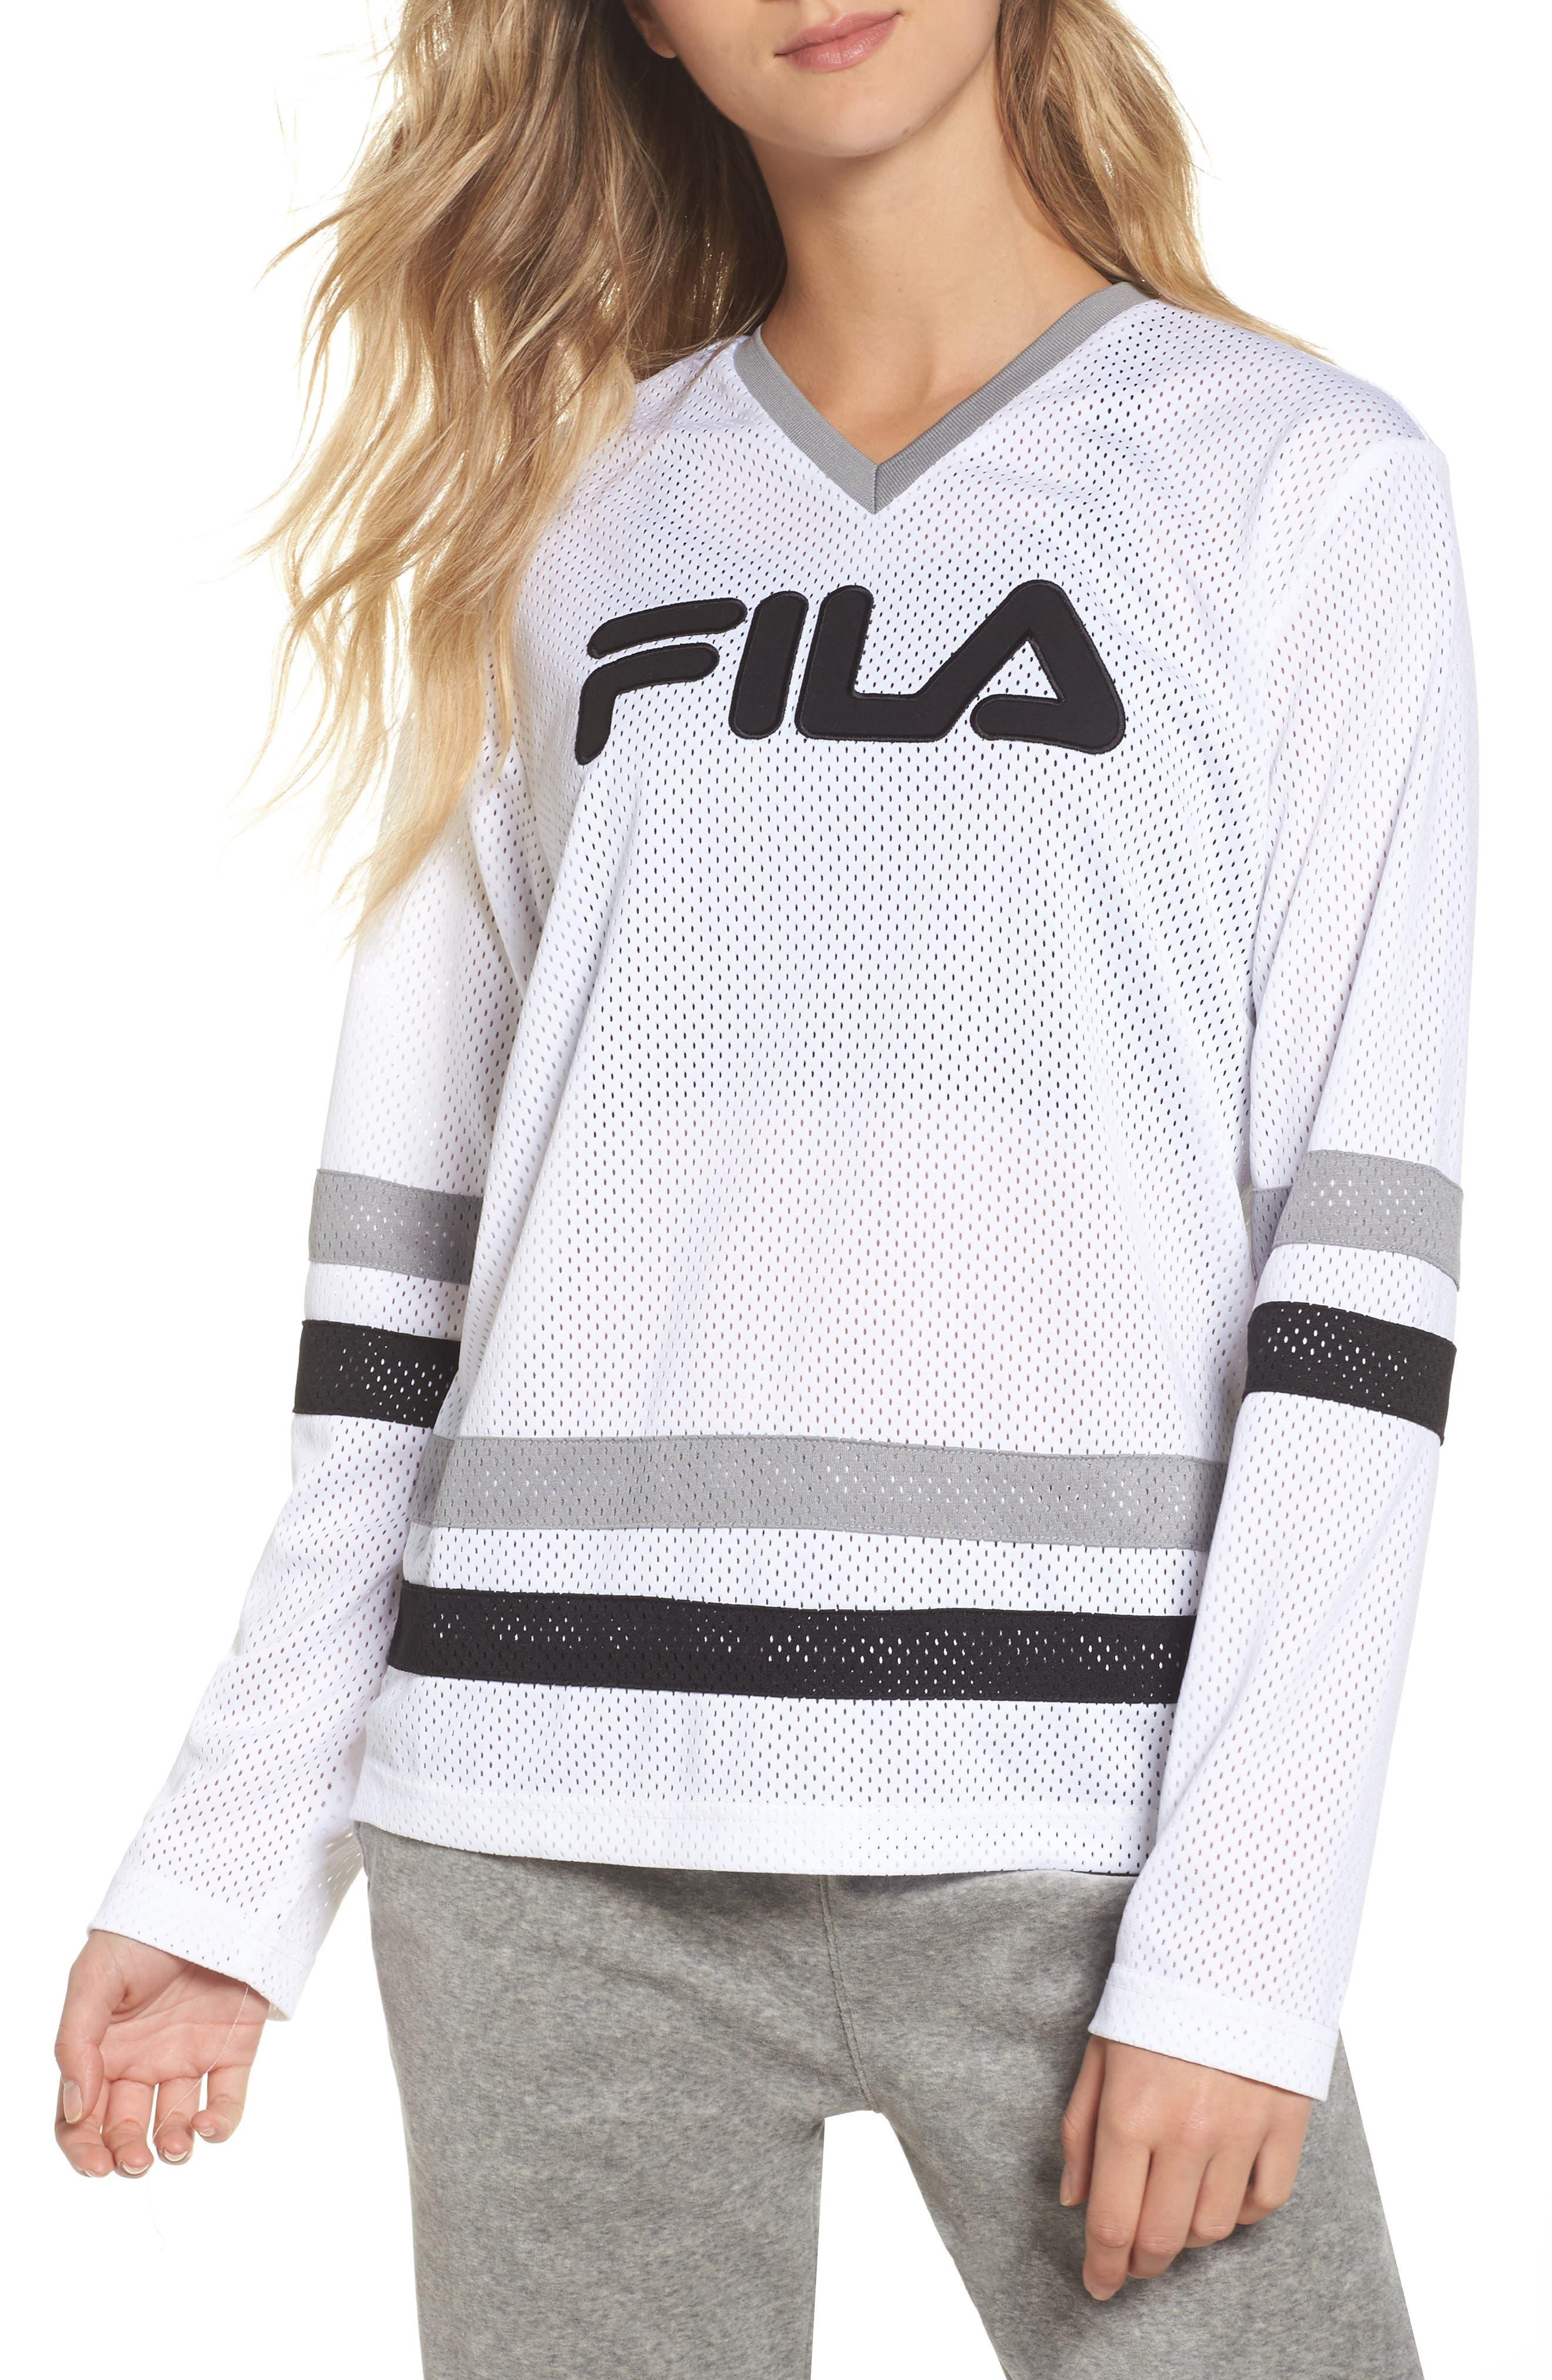 FILA Tanya Hockey Jersey